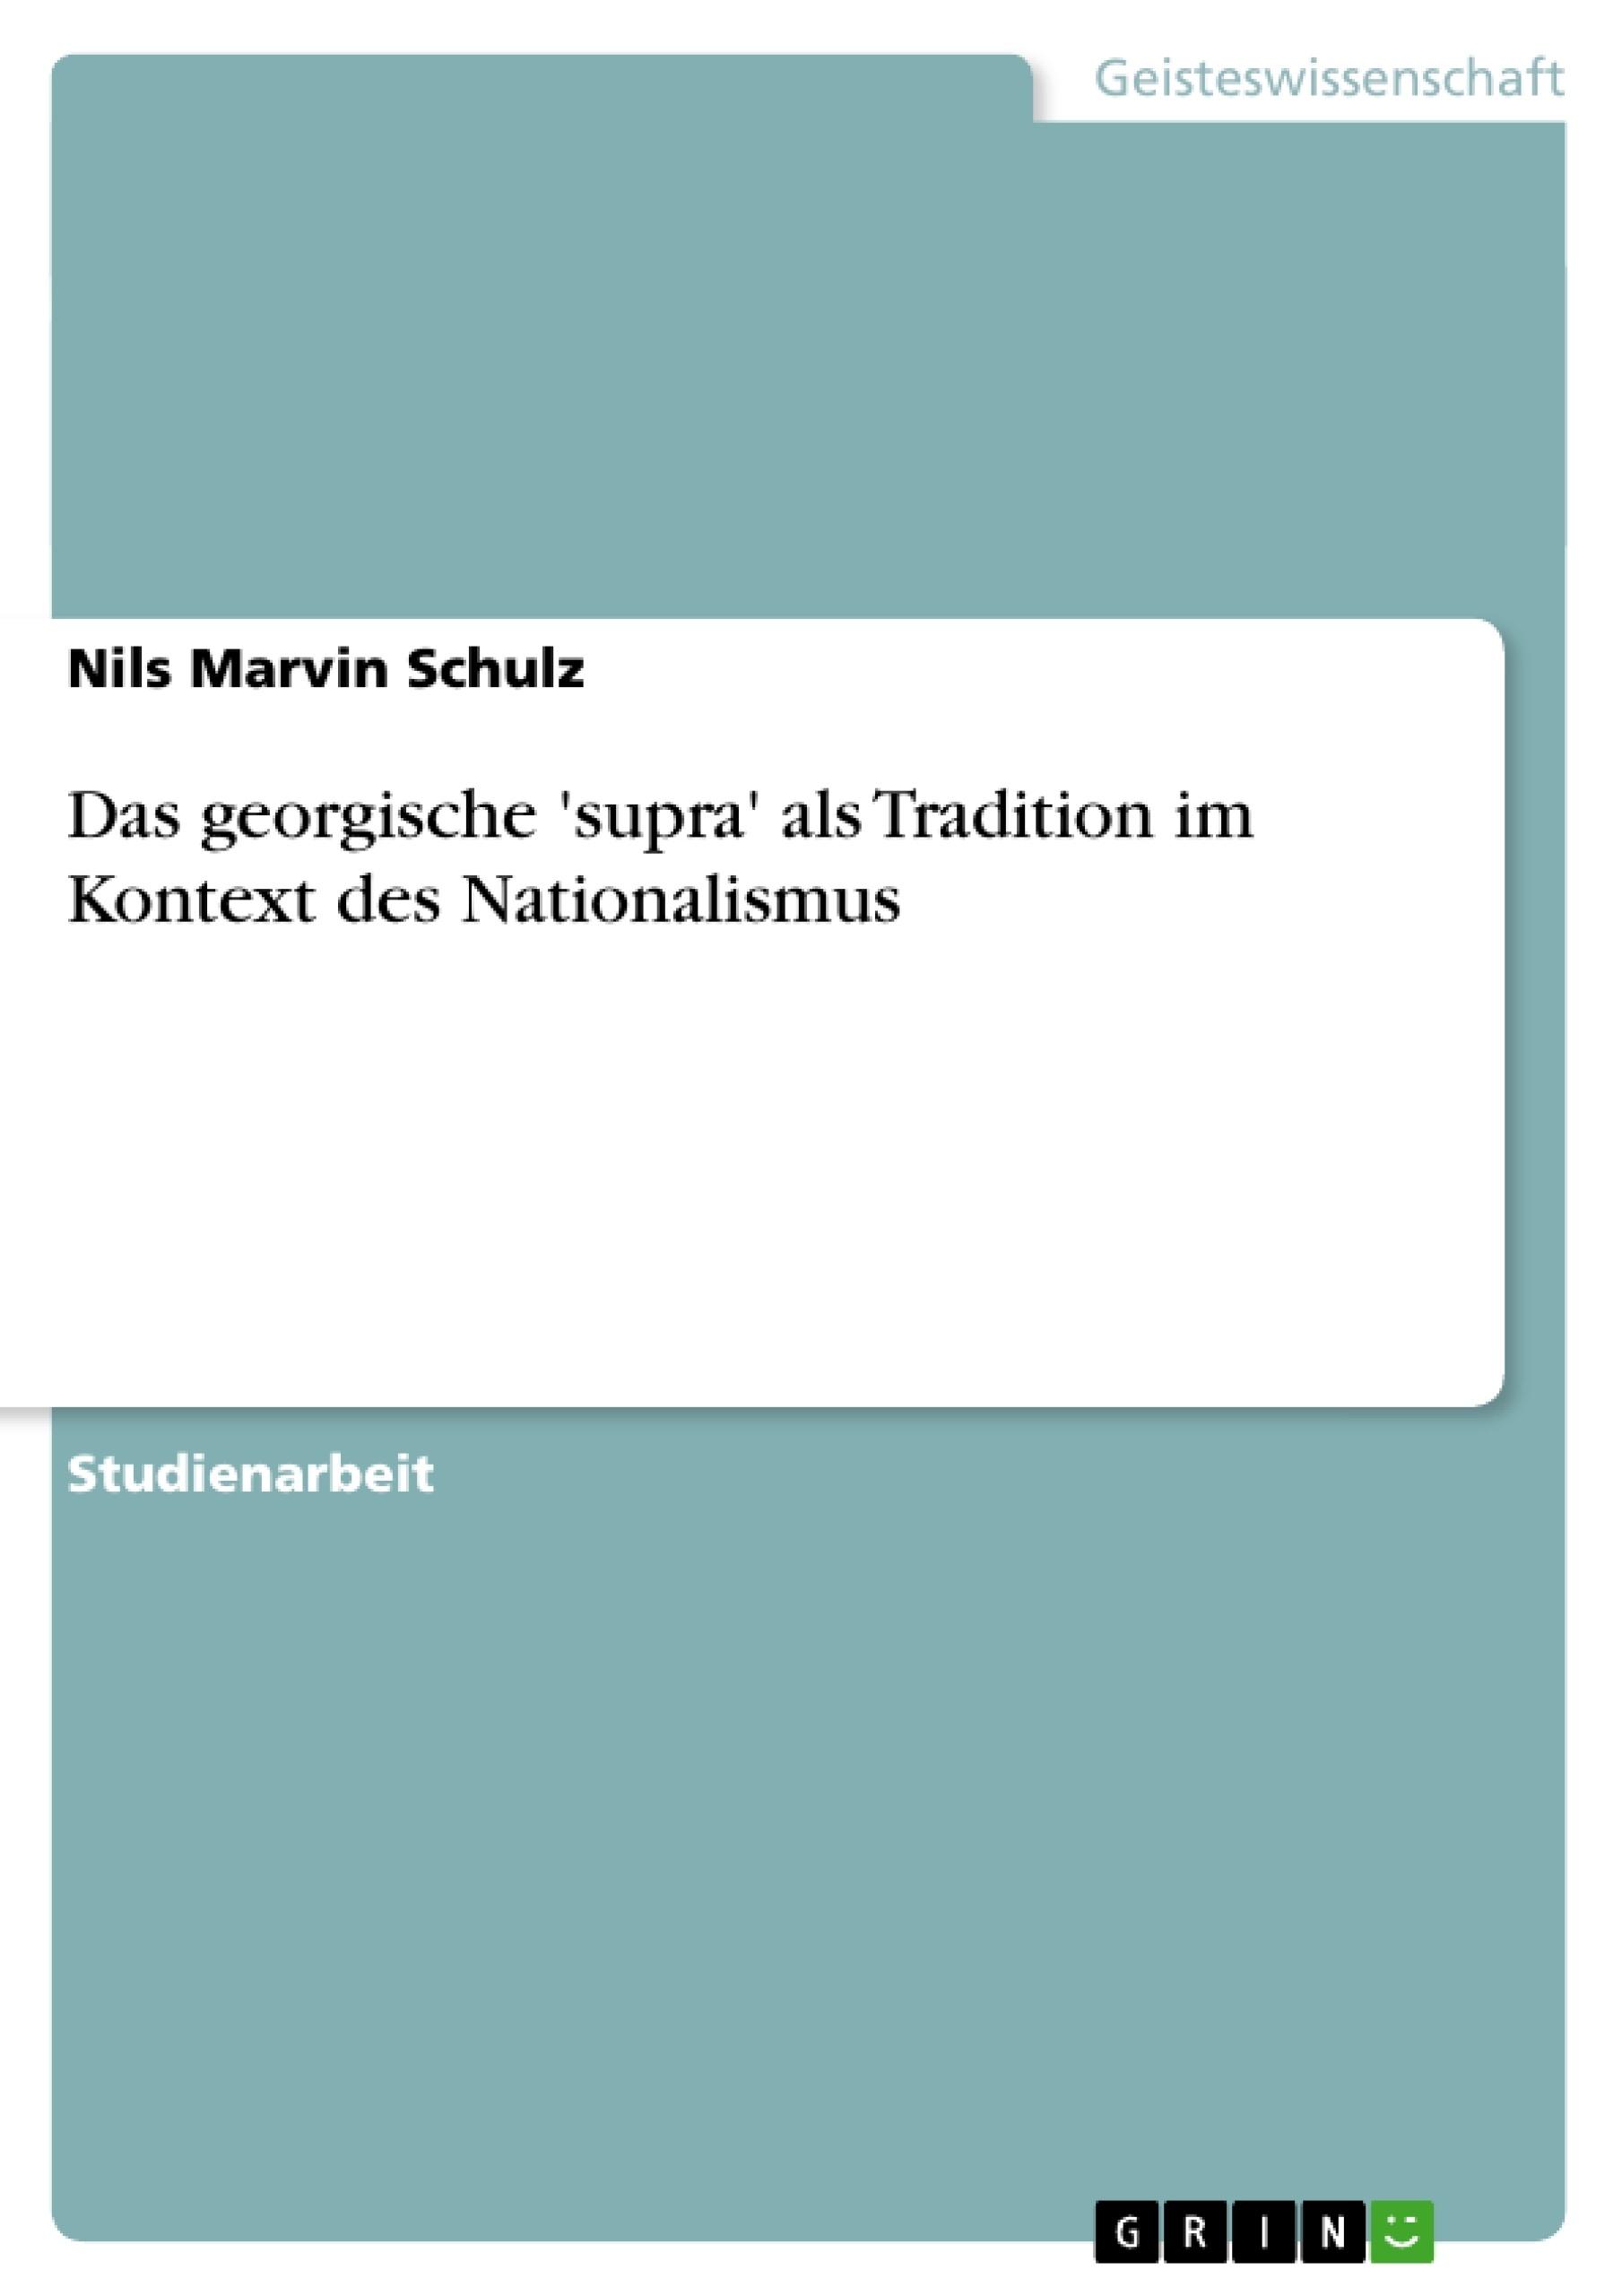 Titel: Das  georgische 'supra' als Tradition im Kontext des Nationalismus